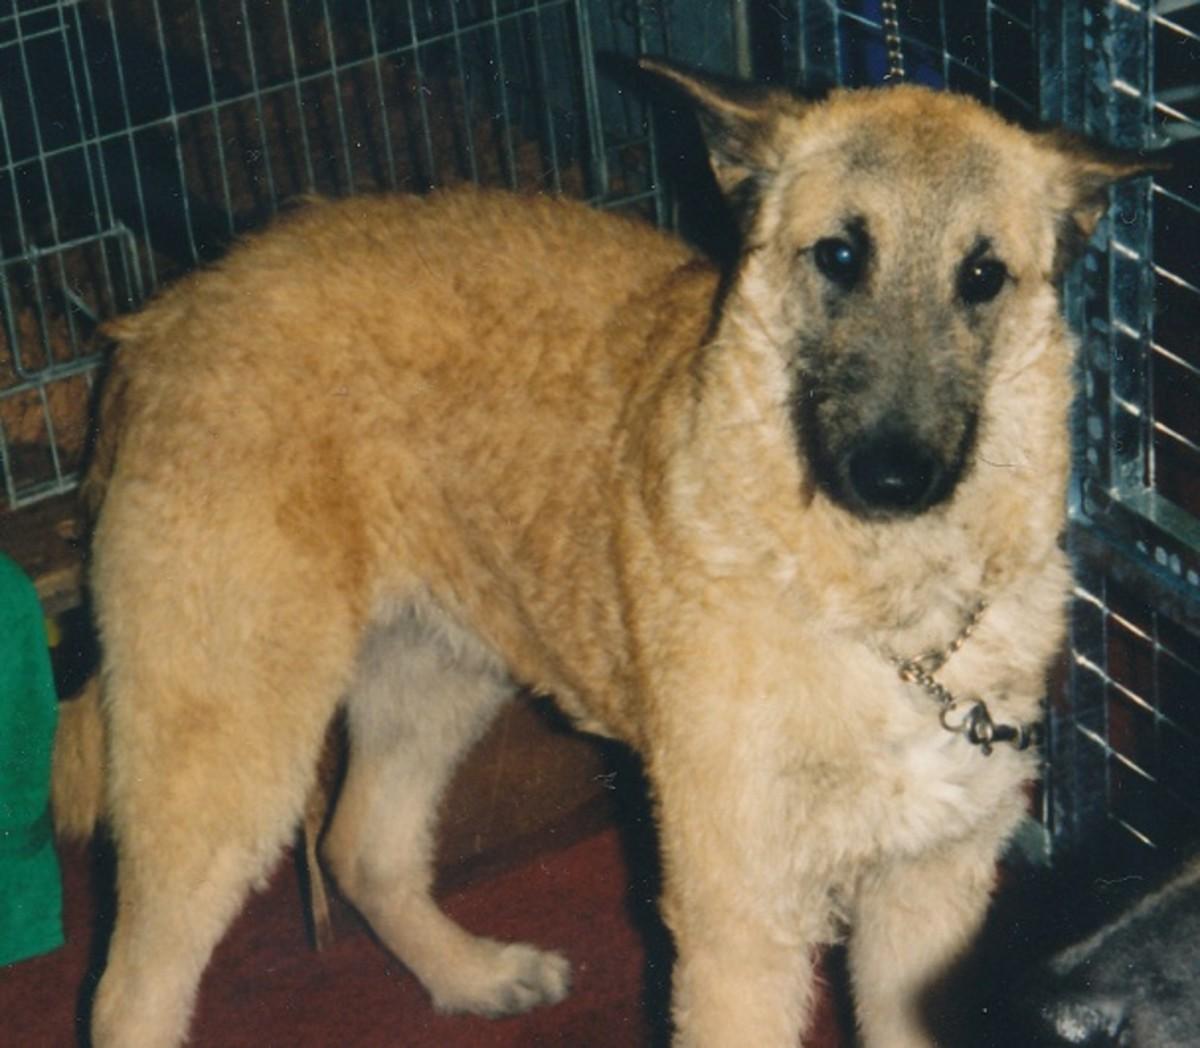 Belgian shepherd dog - Laeknois variety